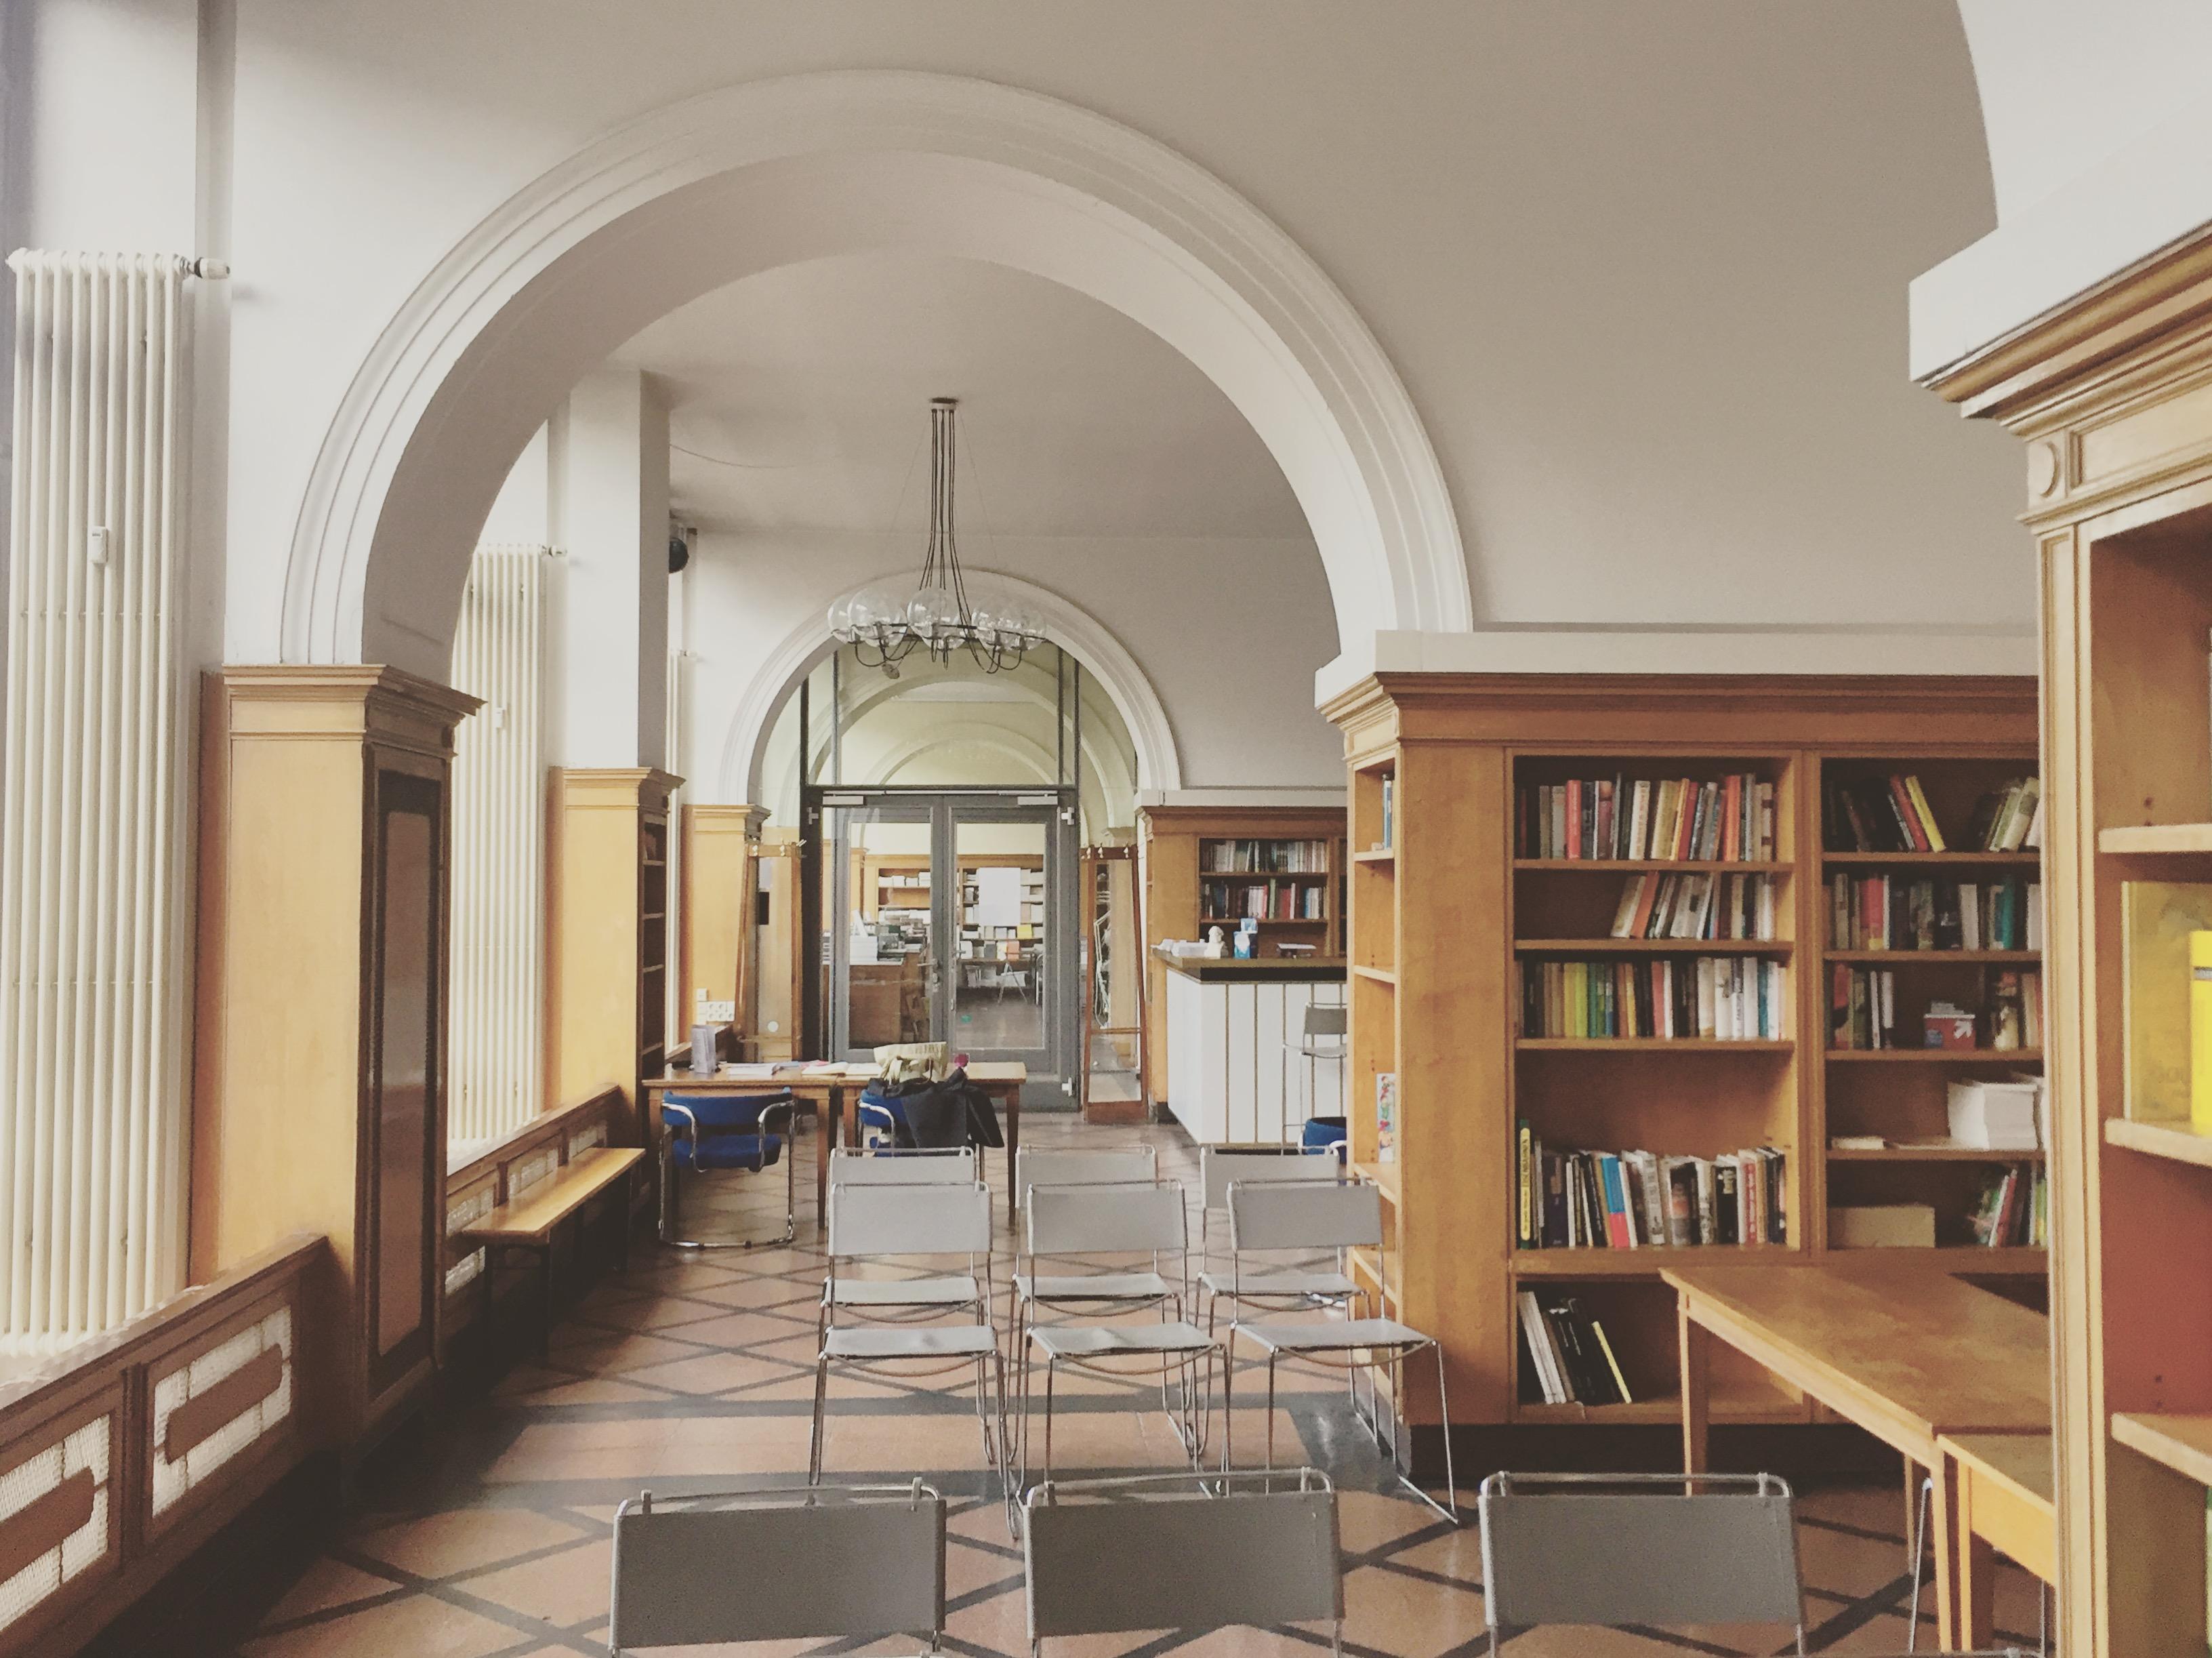 Frankfurter Allee Buchhandlung